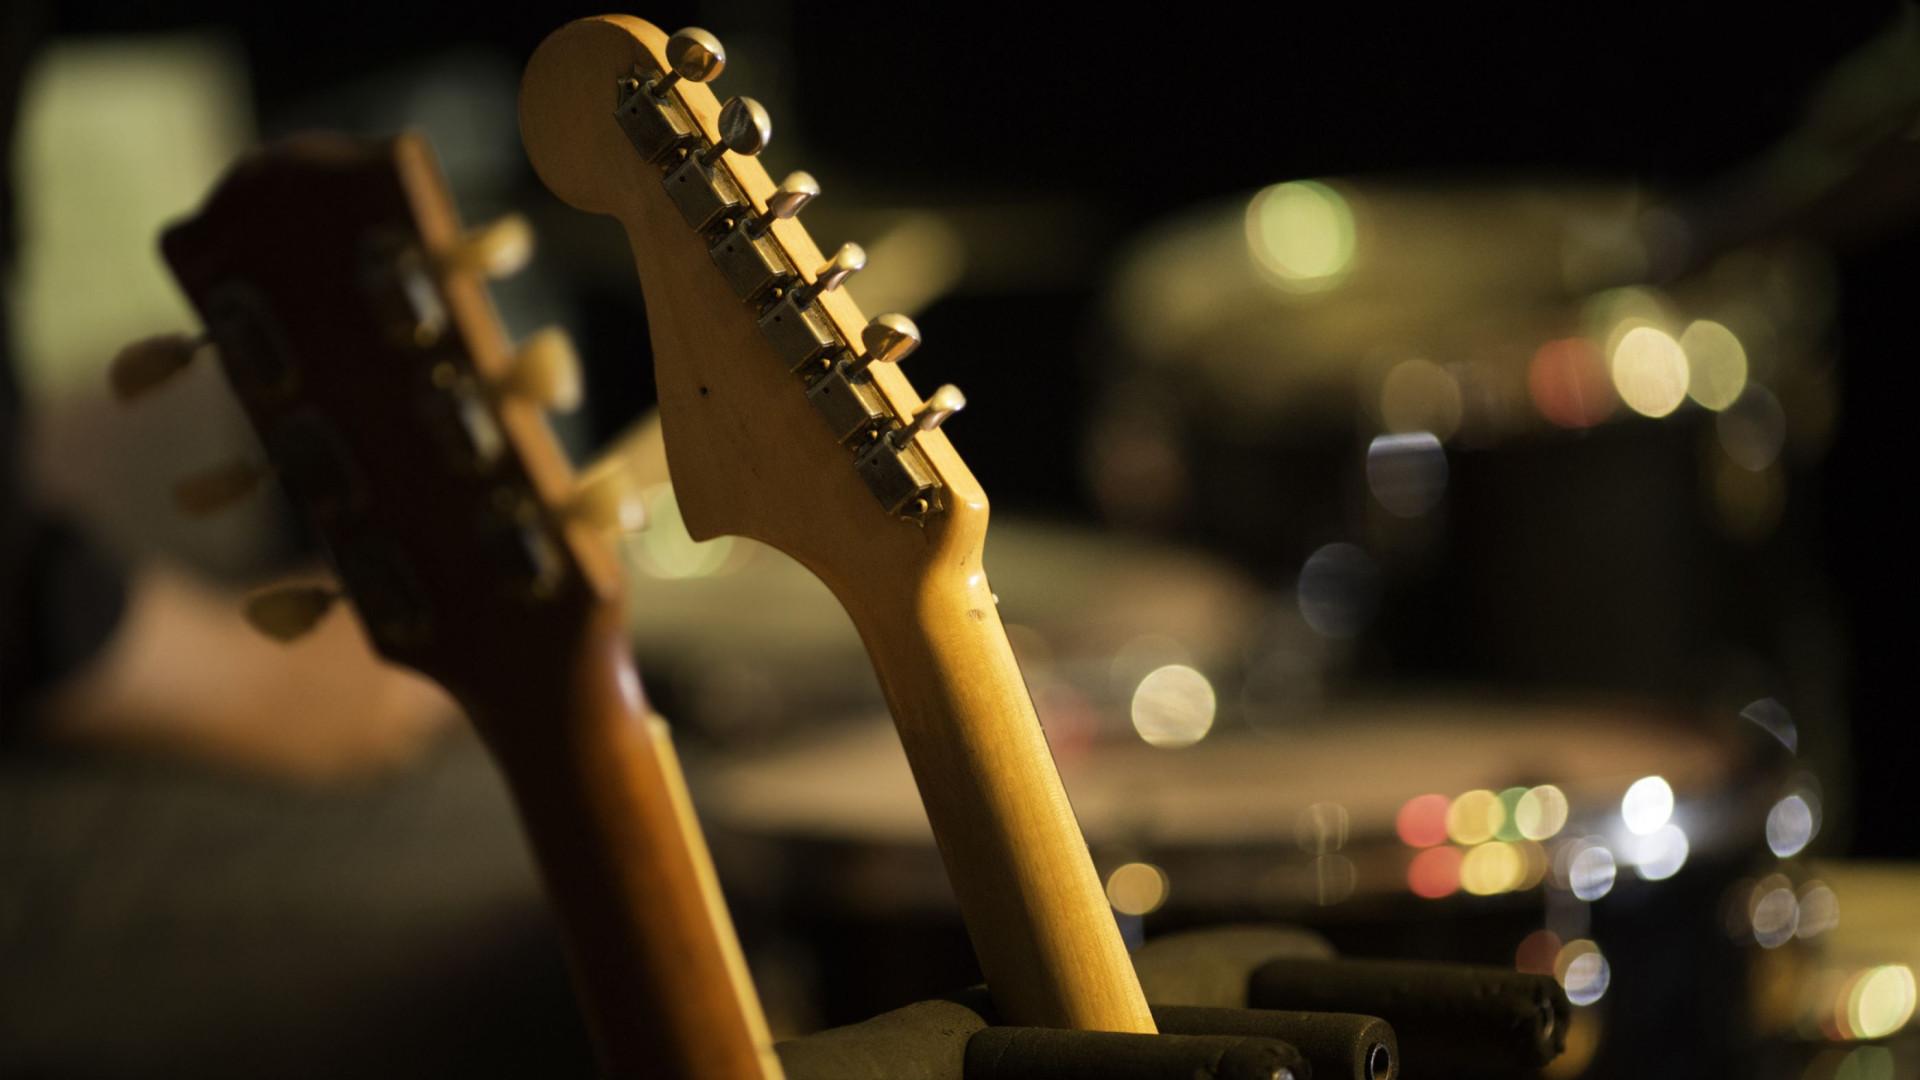 Festival de Música de Setúbal regressa em maio sob tema da inclusão